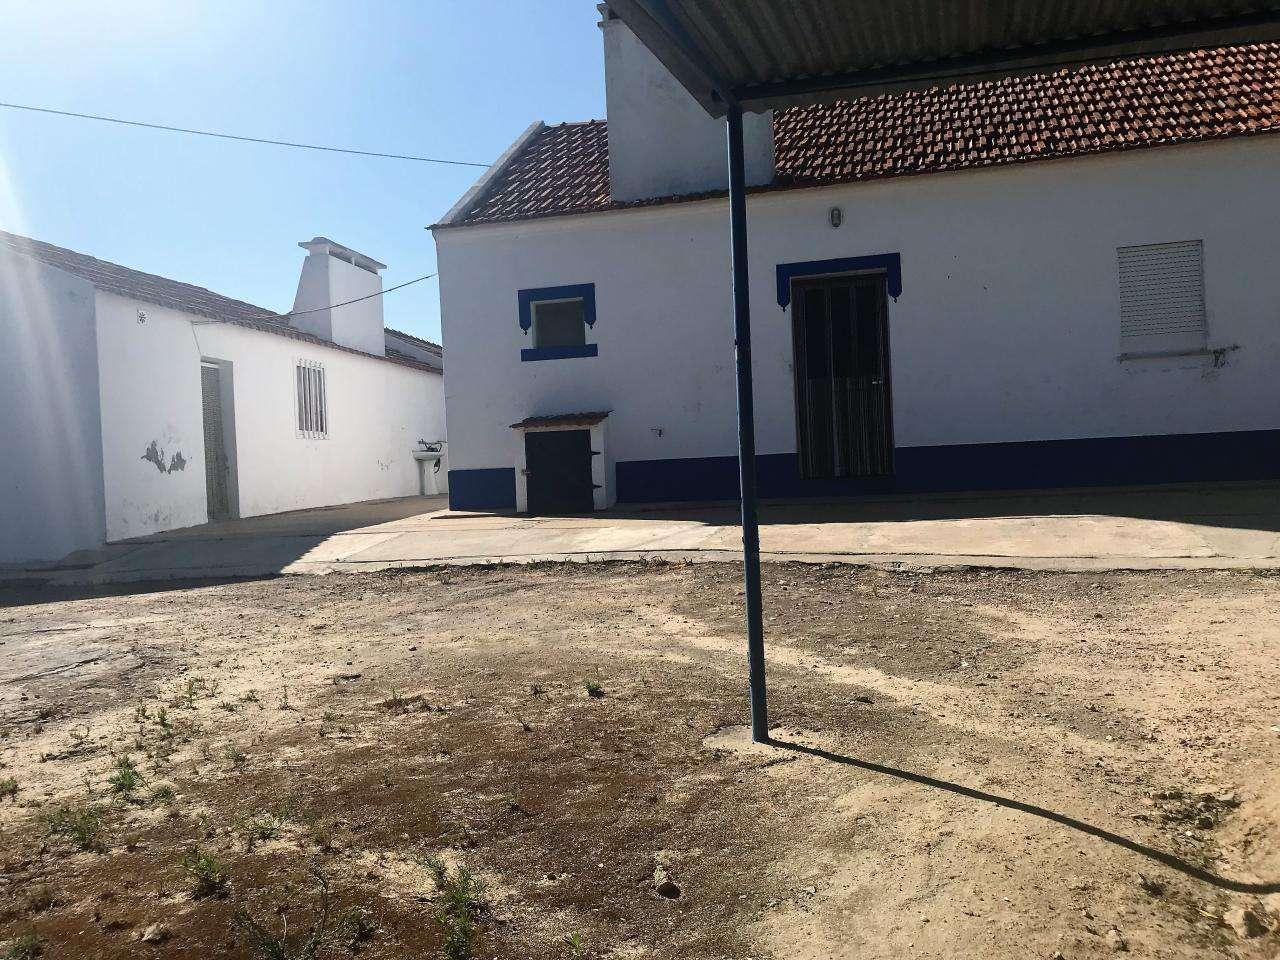 Quintas e herdades para comprar, Cortiçadas de Lavre e Lavre, Montemor-o-Novo, Évora - Foto 3